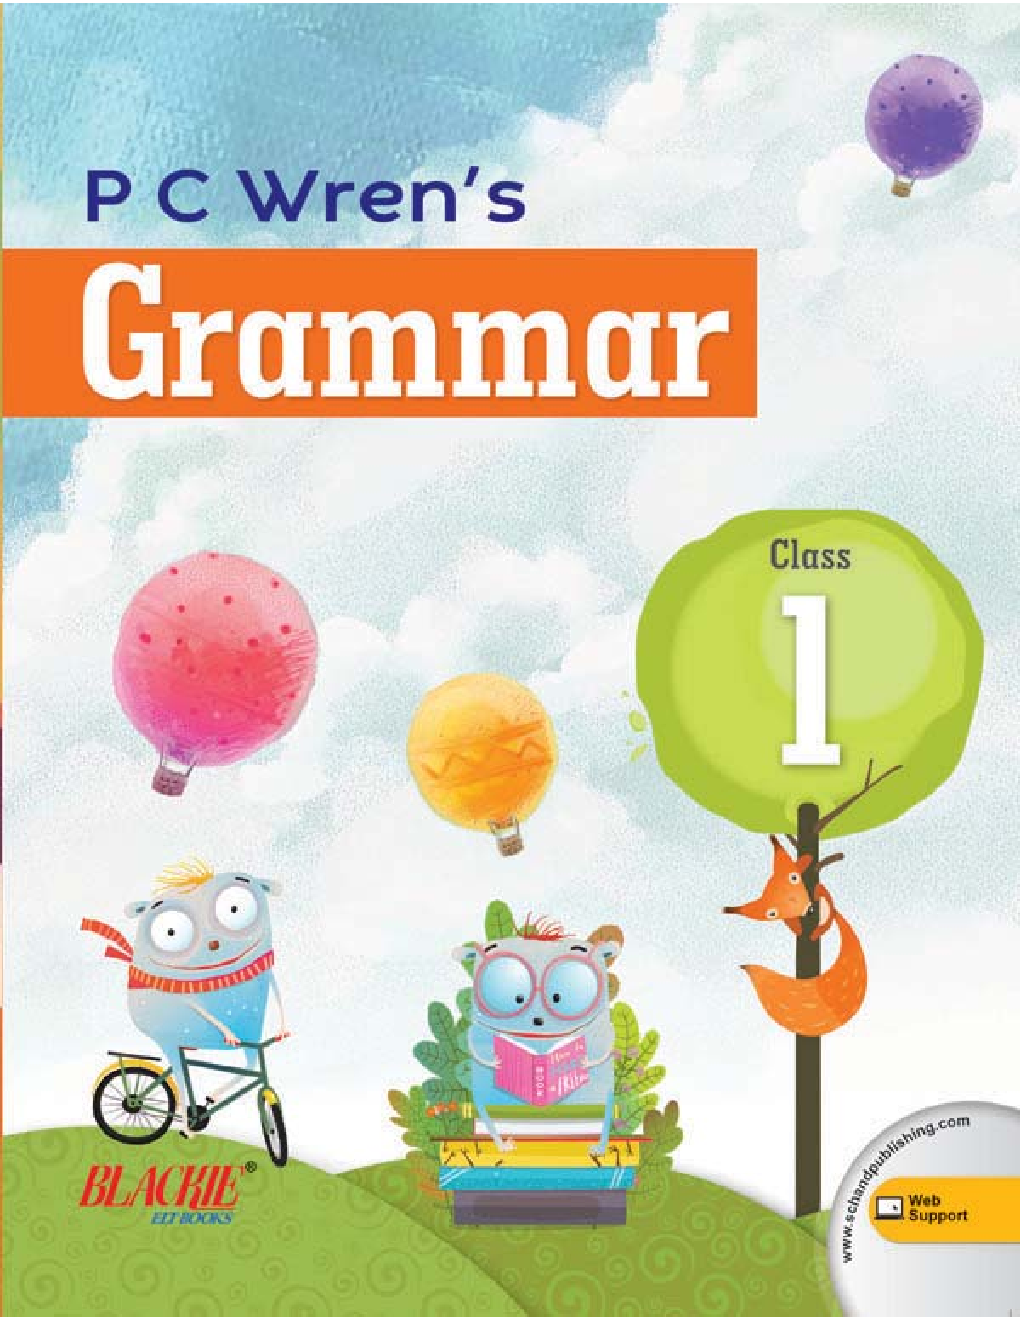 P C Wren's Grammar  1 - Page 1